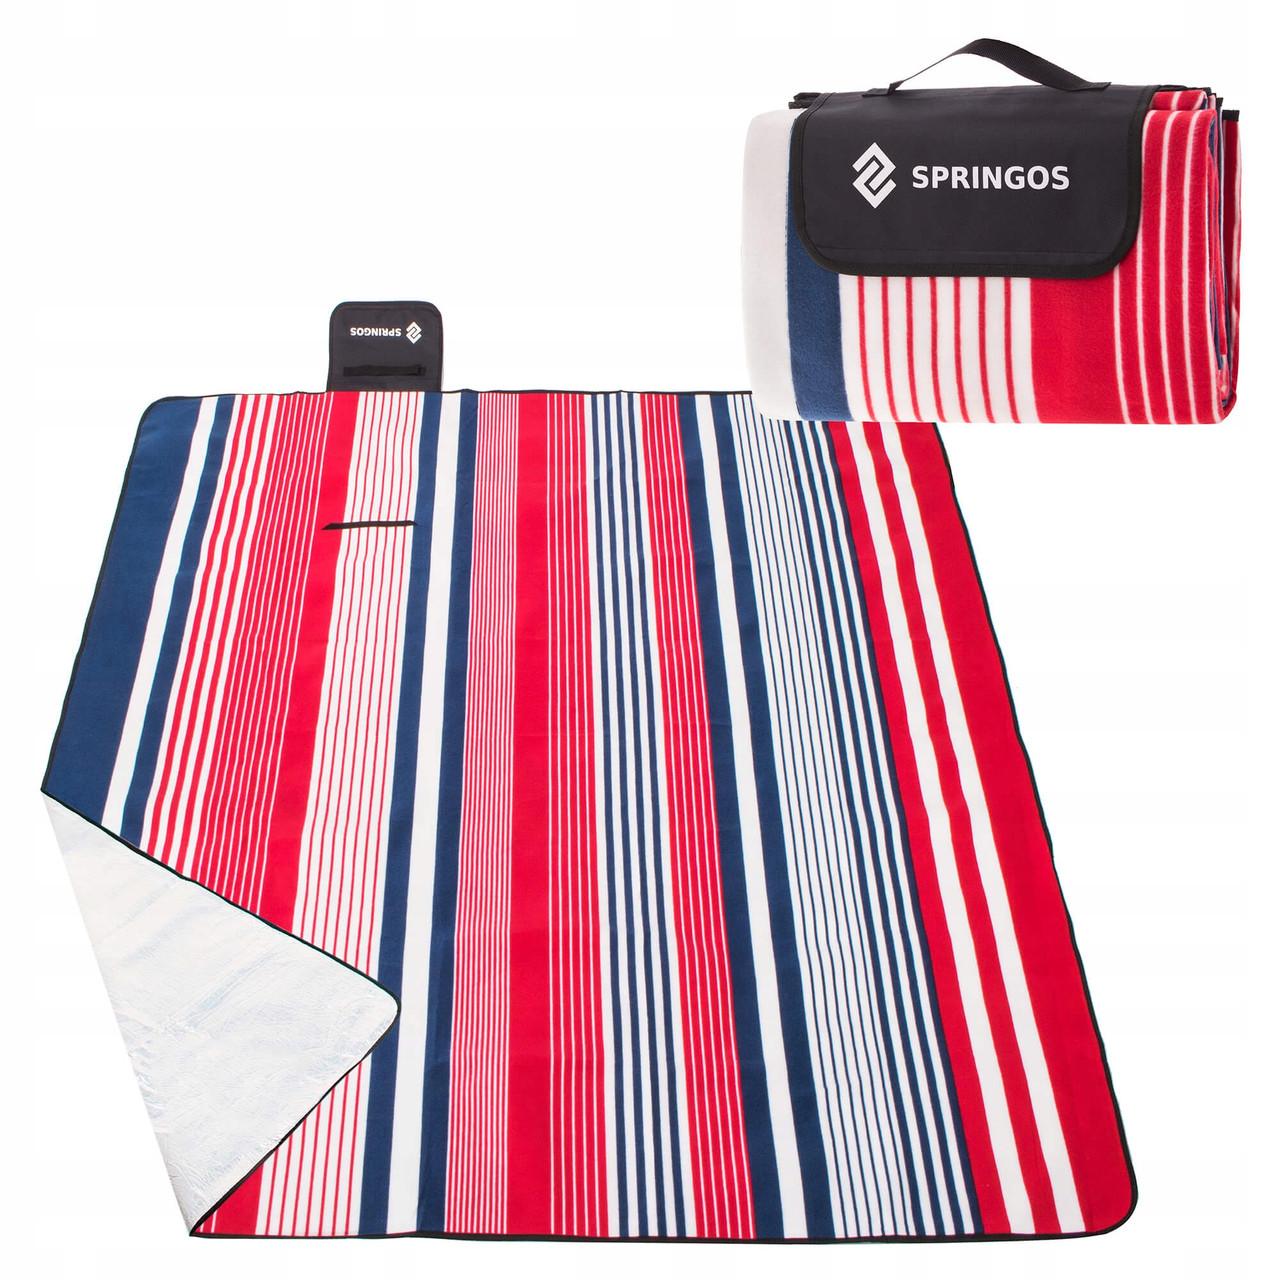 Коврик для пикника и кемпинга складной Springos 200 x 160 см PM006 - Love&Life